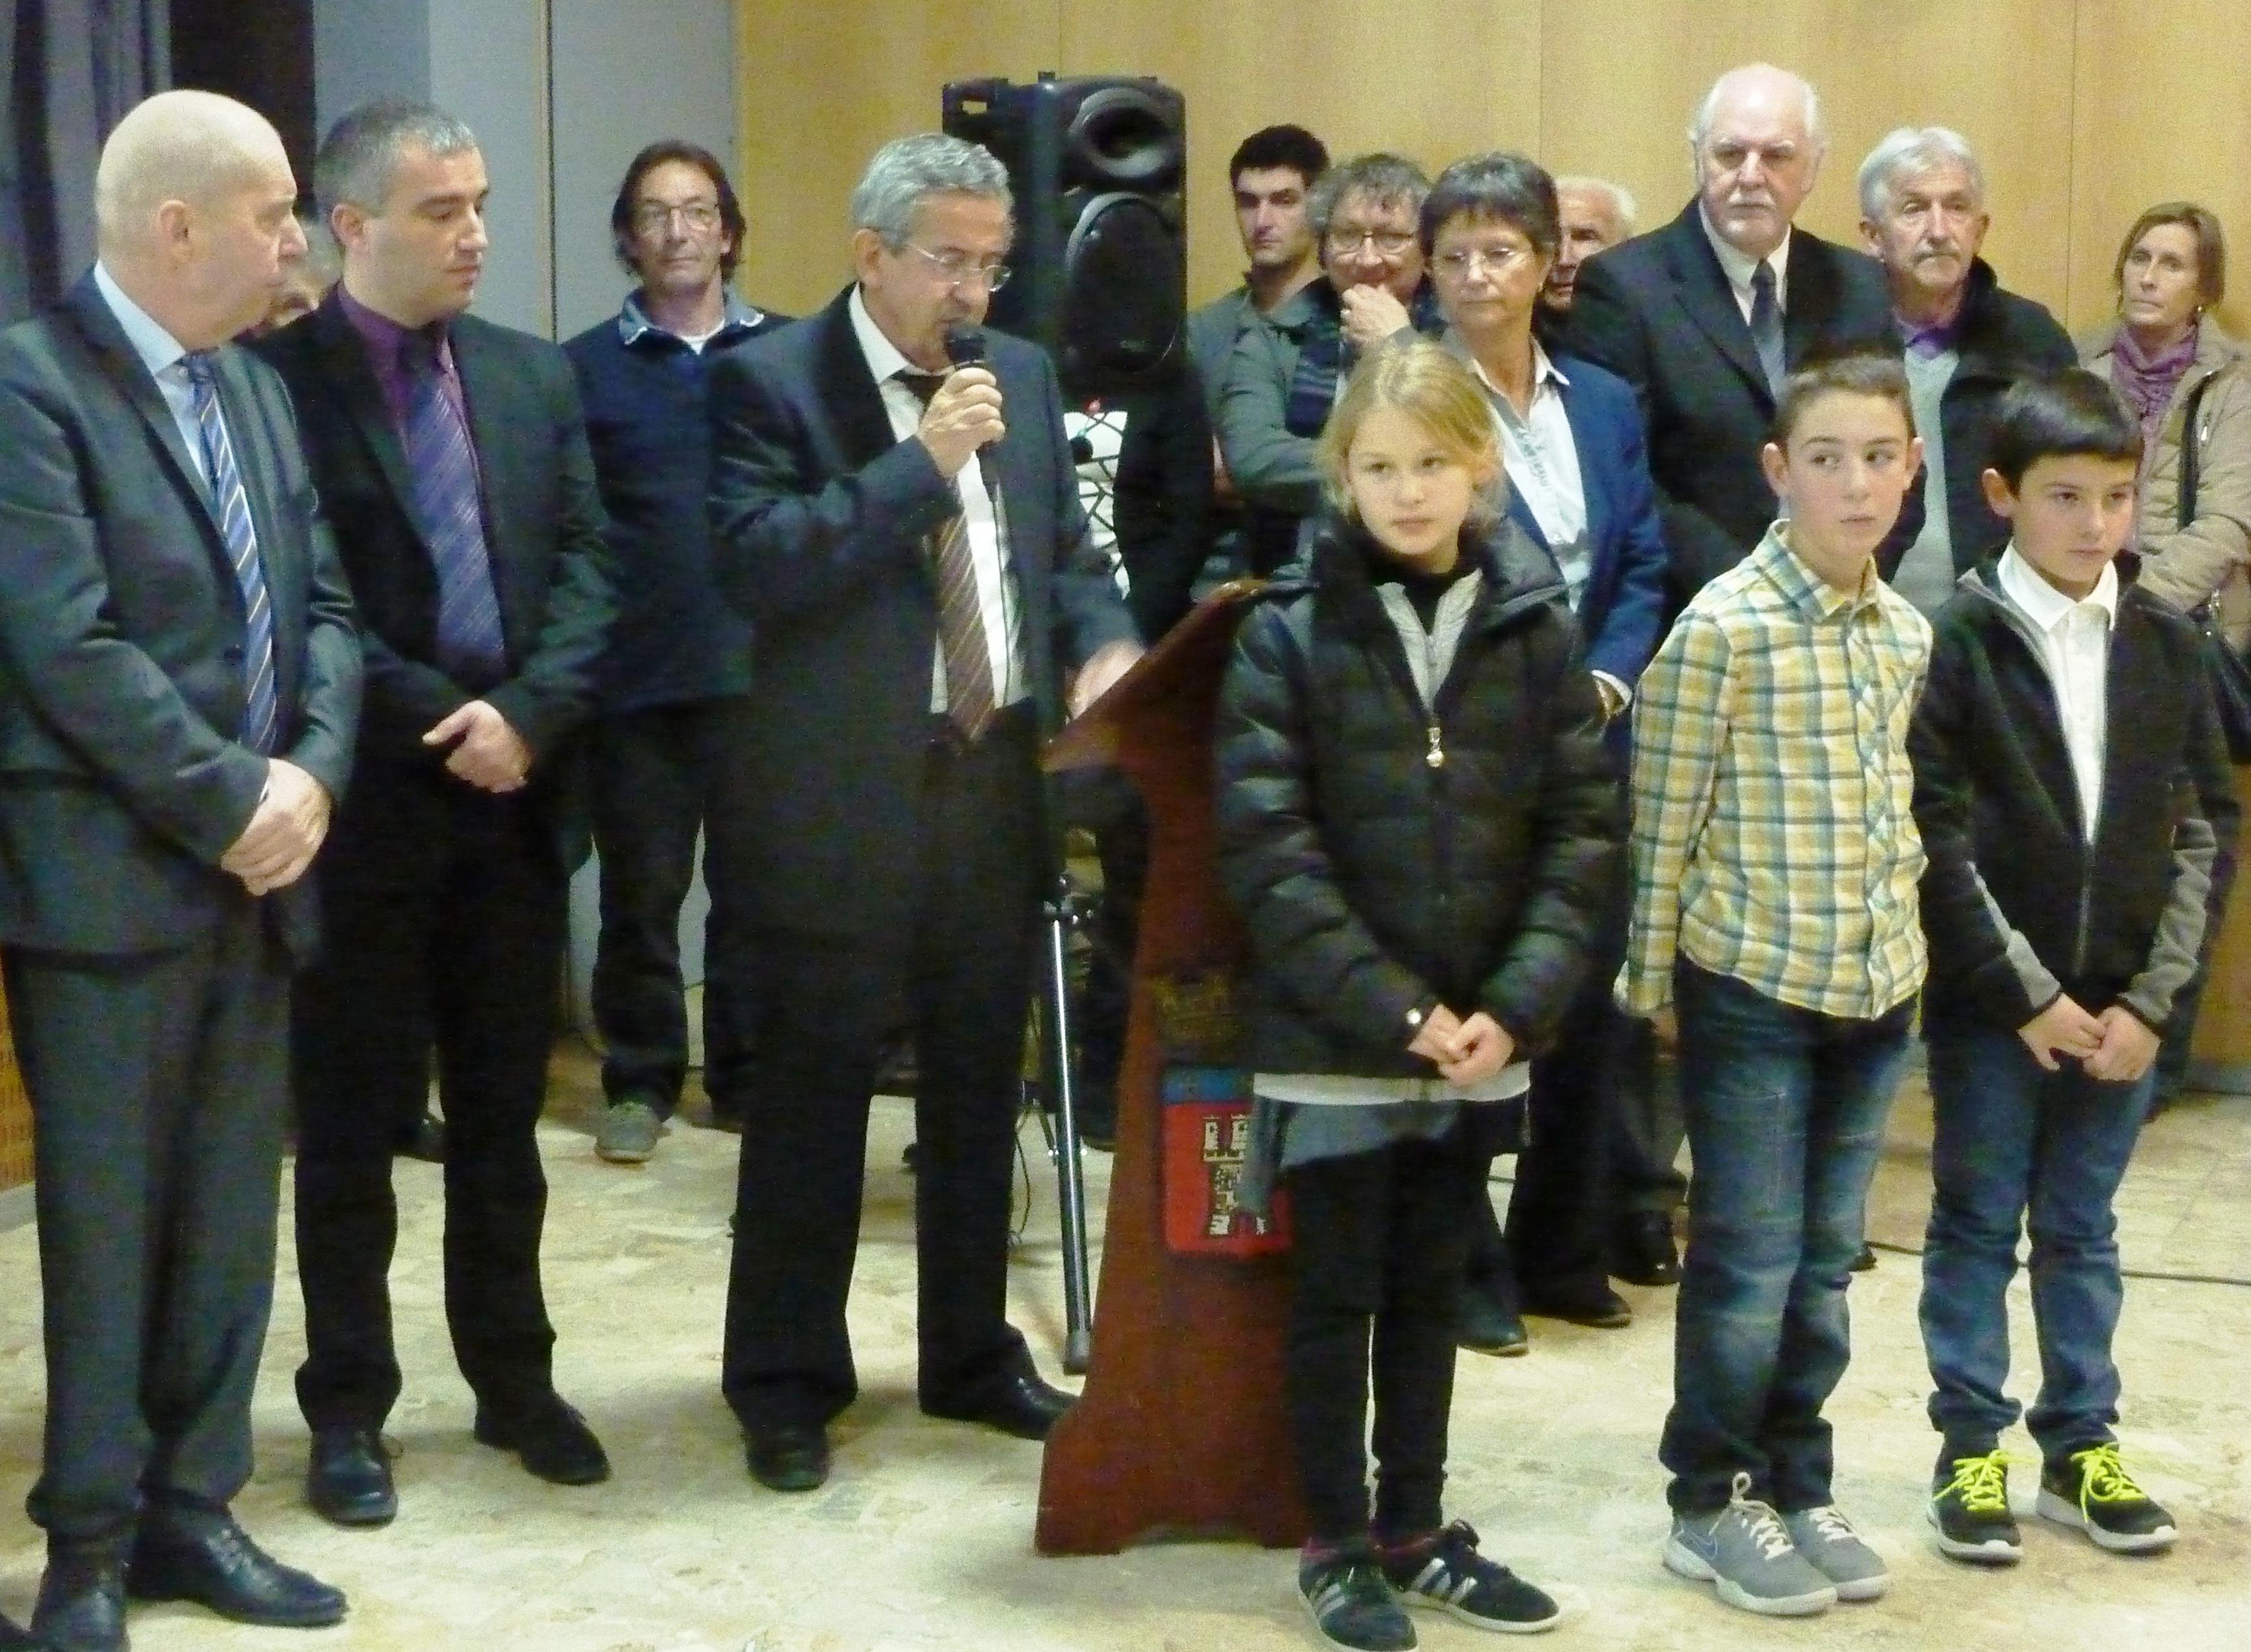 Vision locale, nationale et européenne du maire de Castellane, Jean-Pierre Terrien